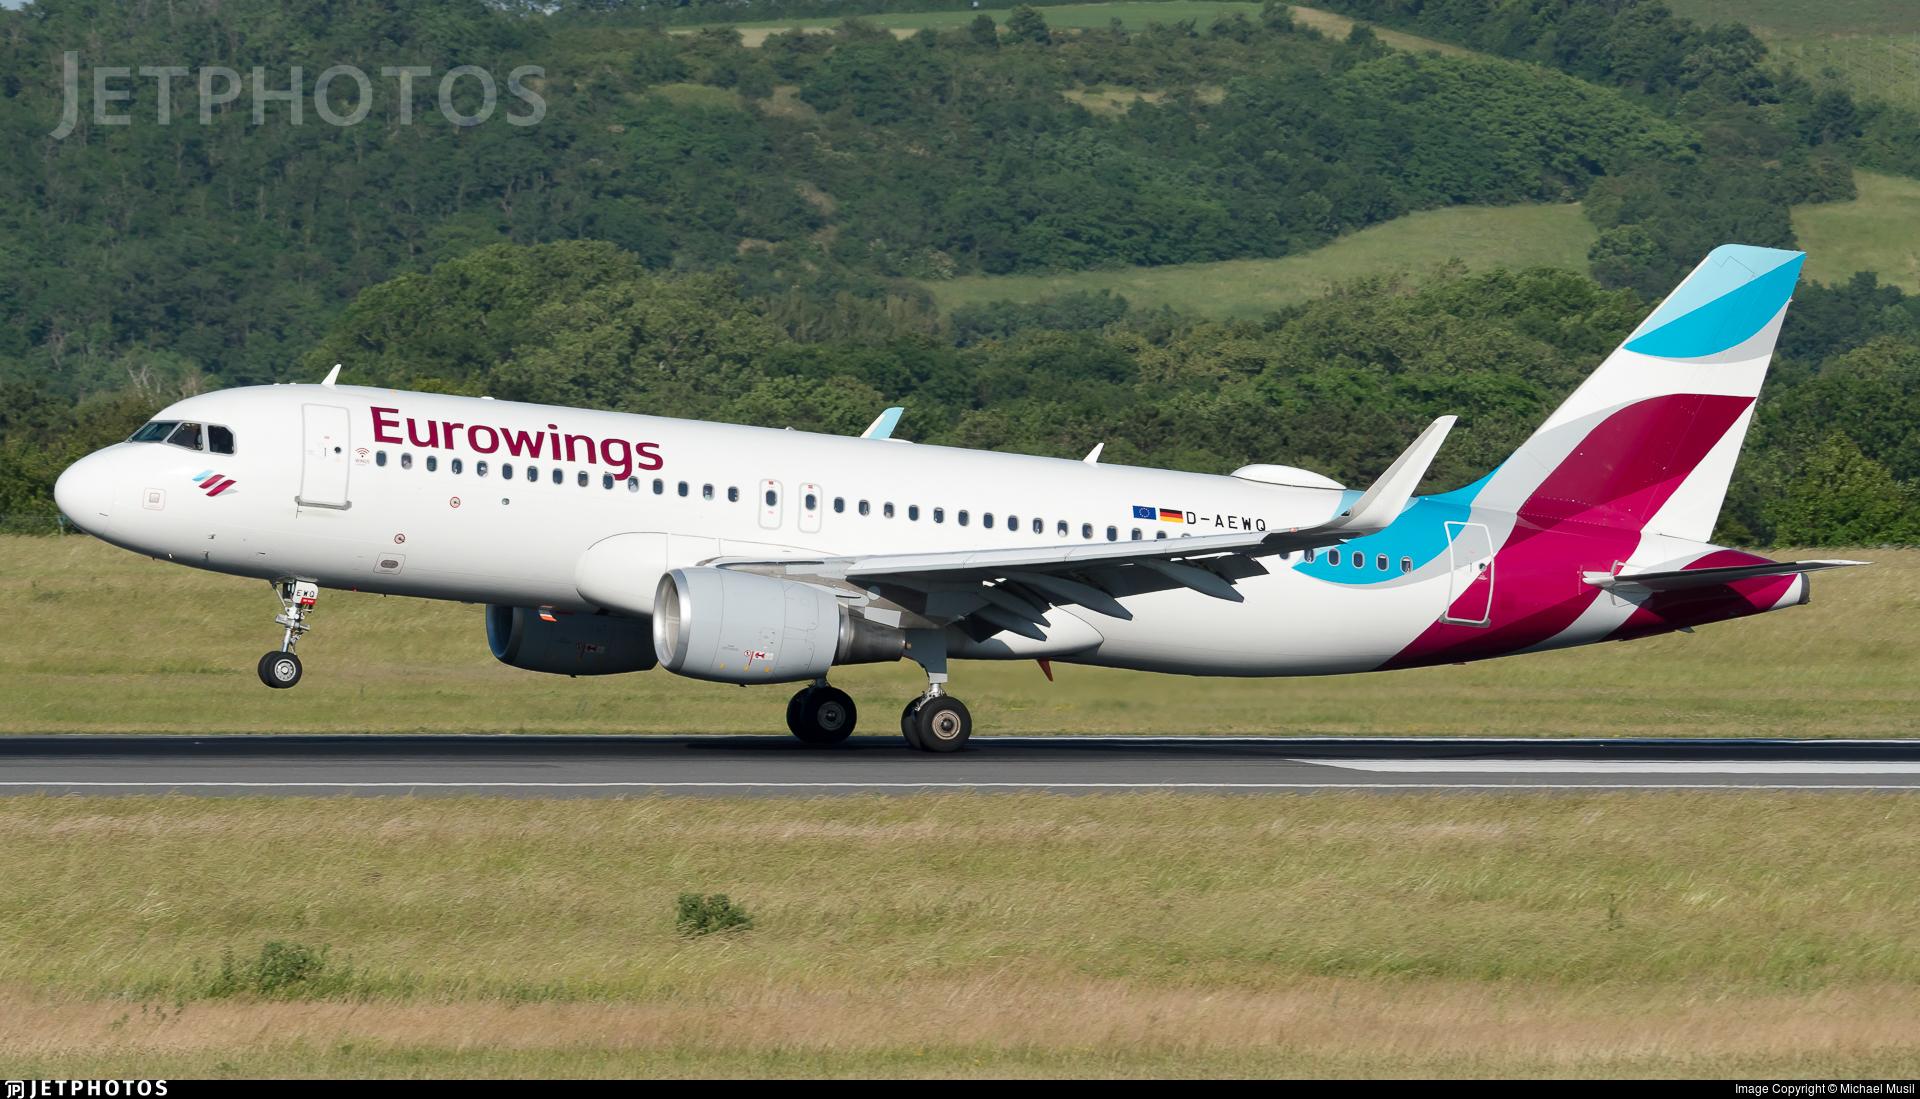 D-AEWQ - Airbus A320-214 - Eurowings